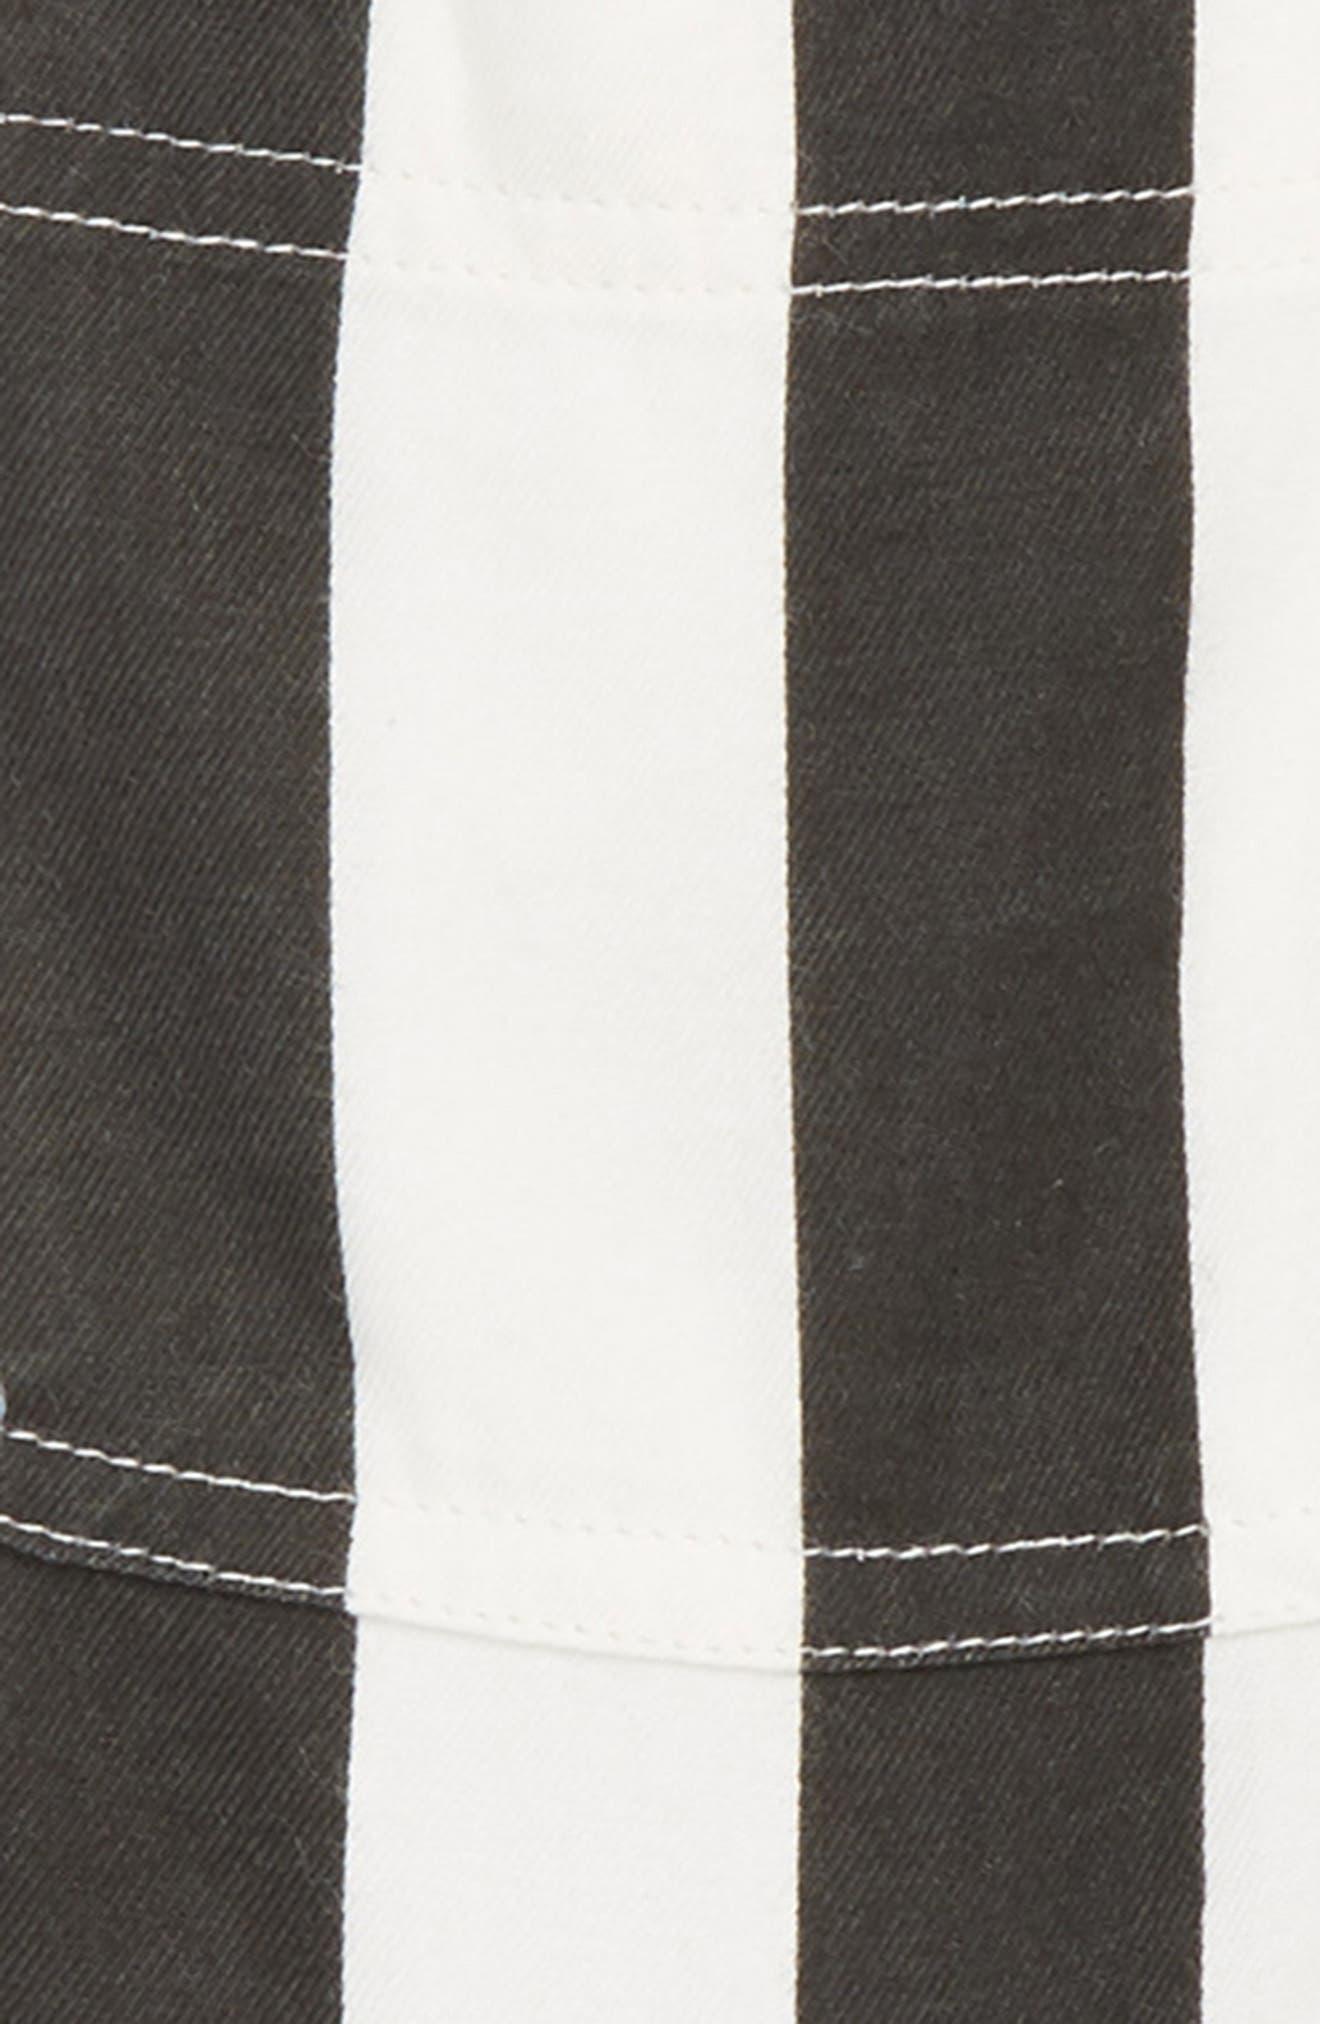 Roamin Stripe Short Overalls,                             Alternate thumbnail 2, color,                             Black